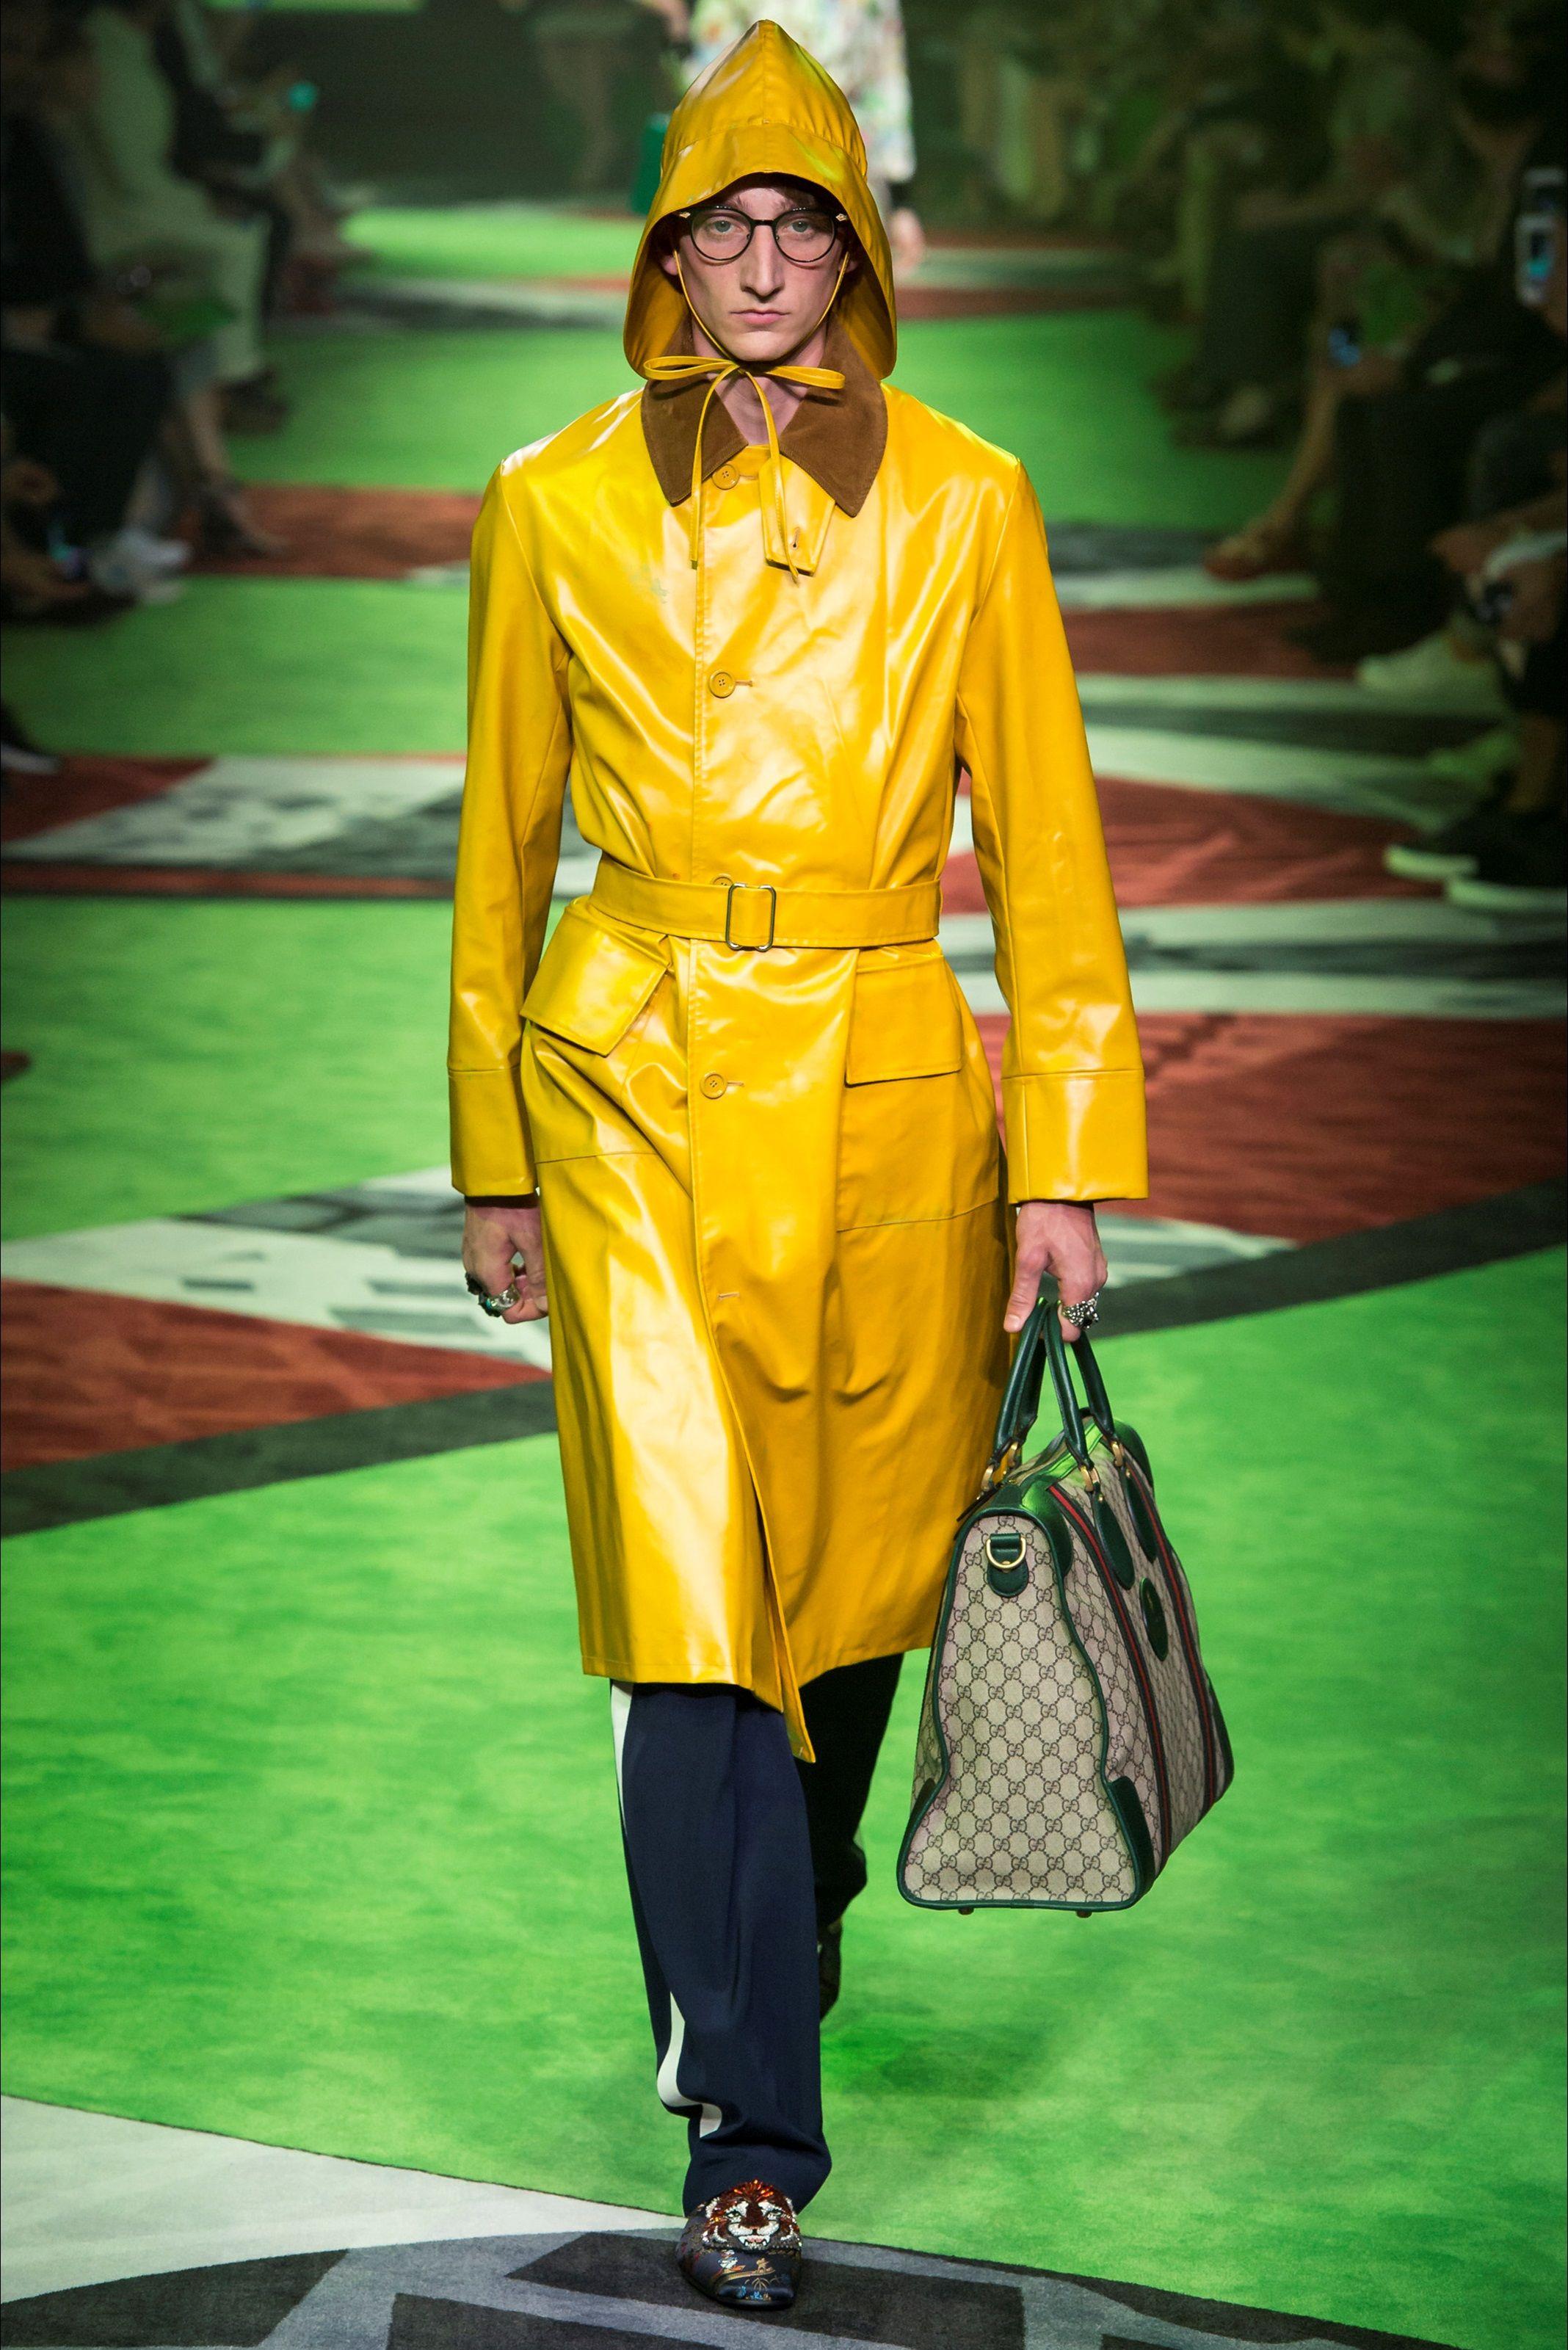 Sfilata Moda Uomo Gucci Milano - Primavera Estate 2017 - Vogue ... 7d1a00db495